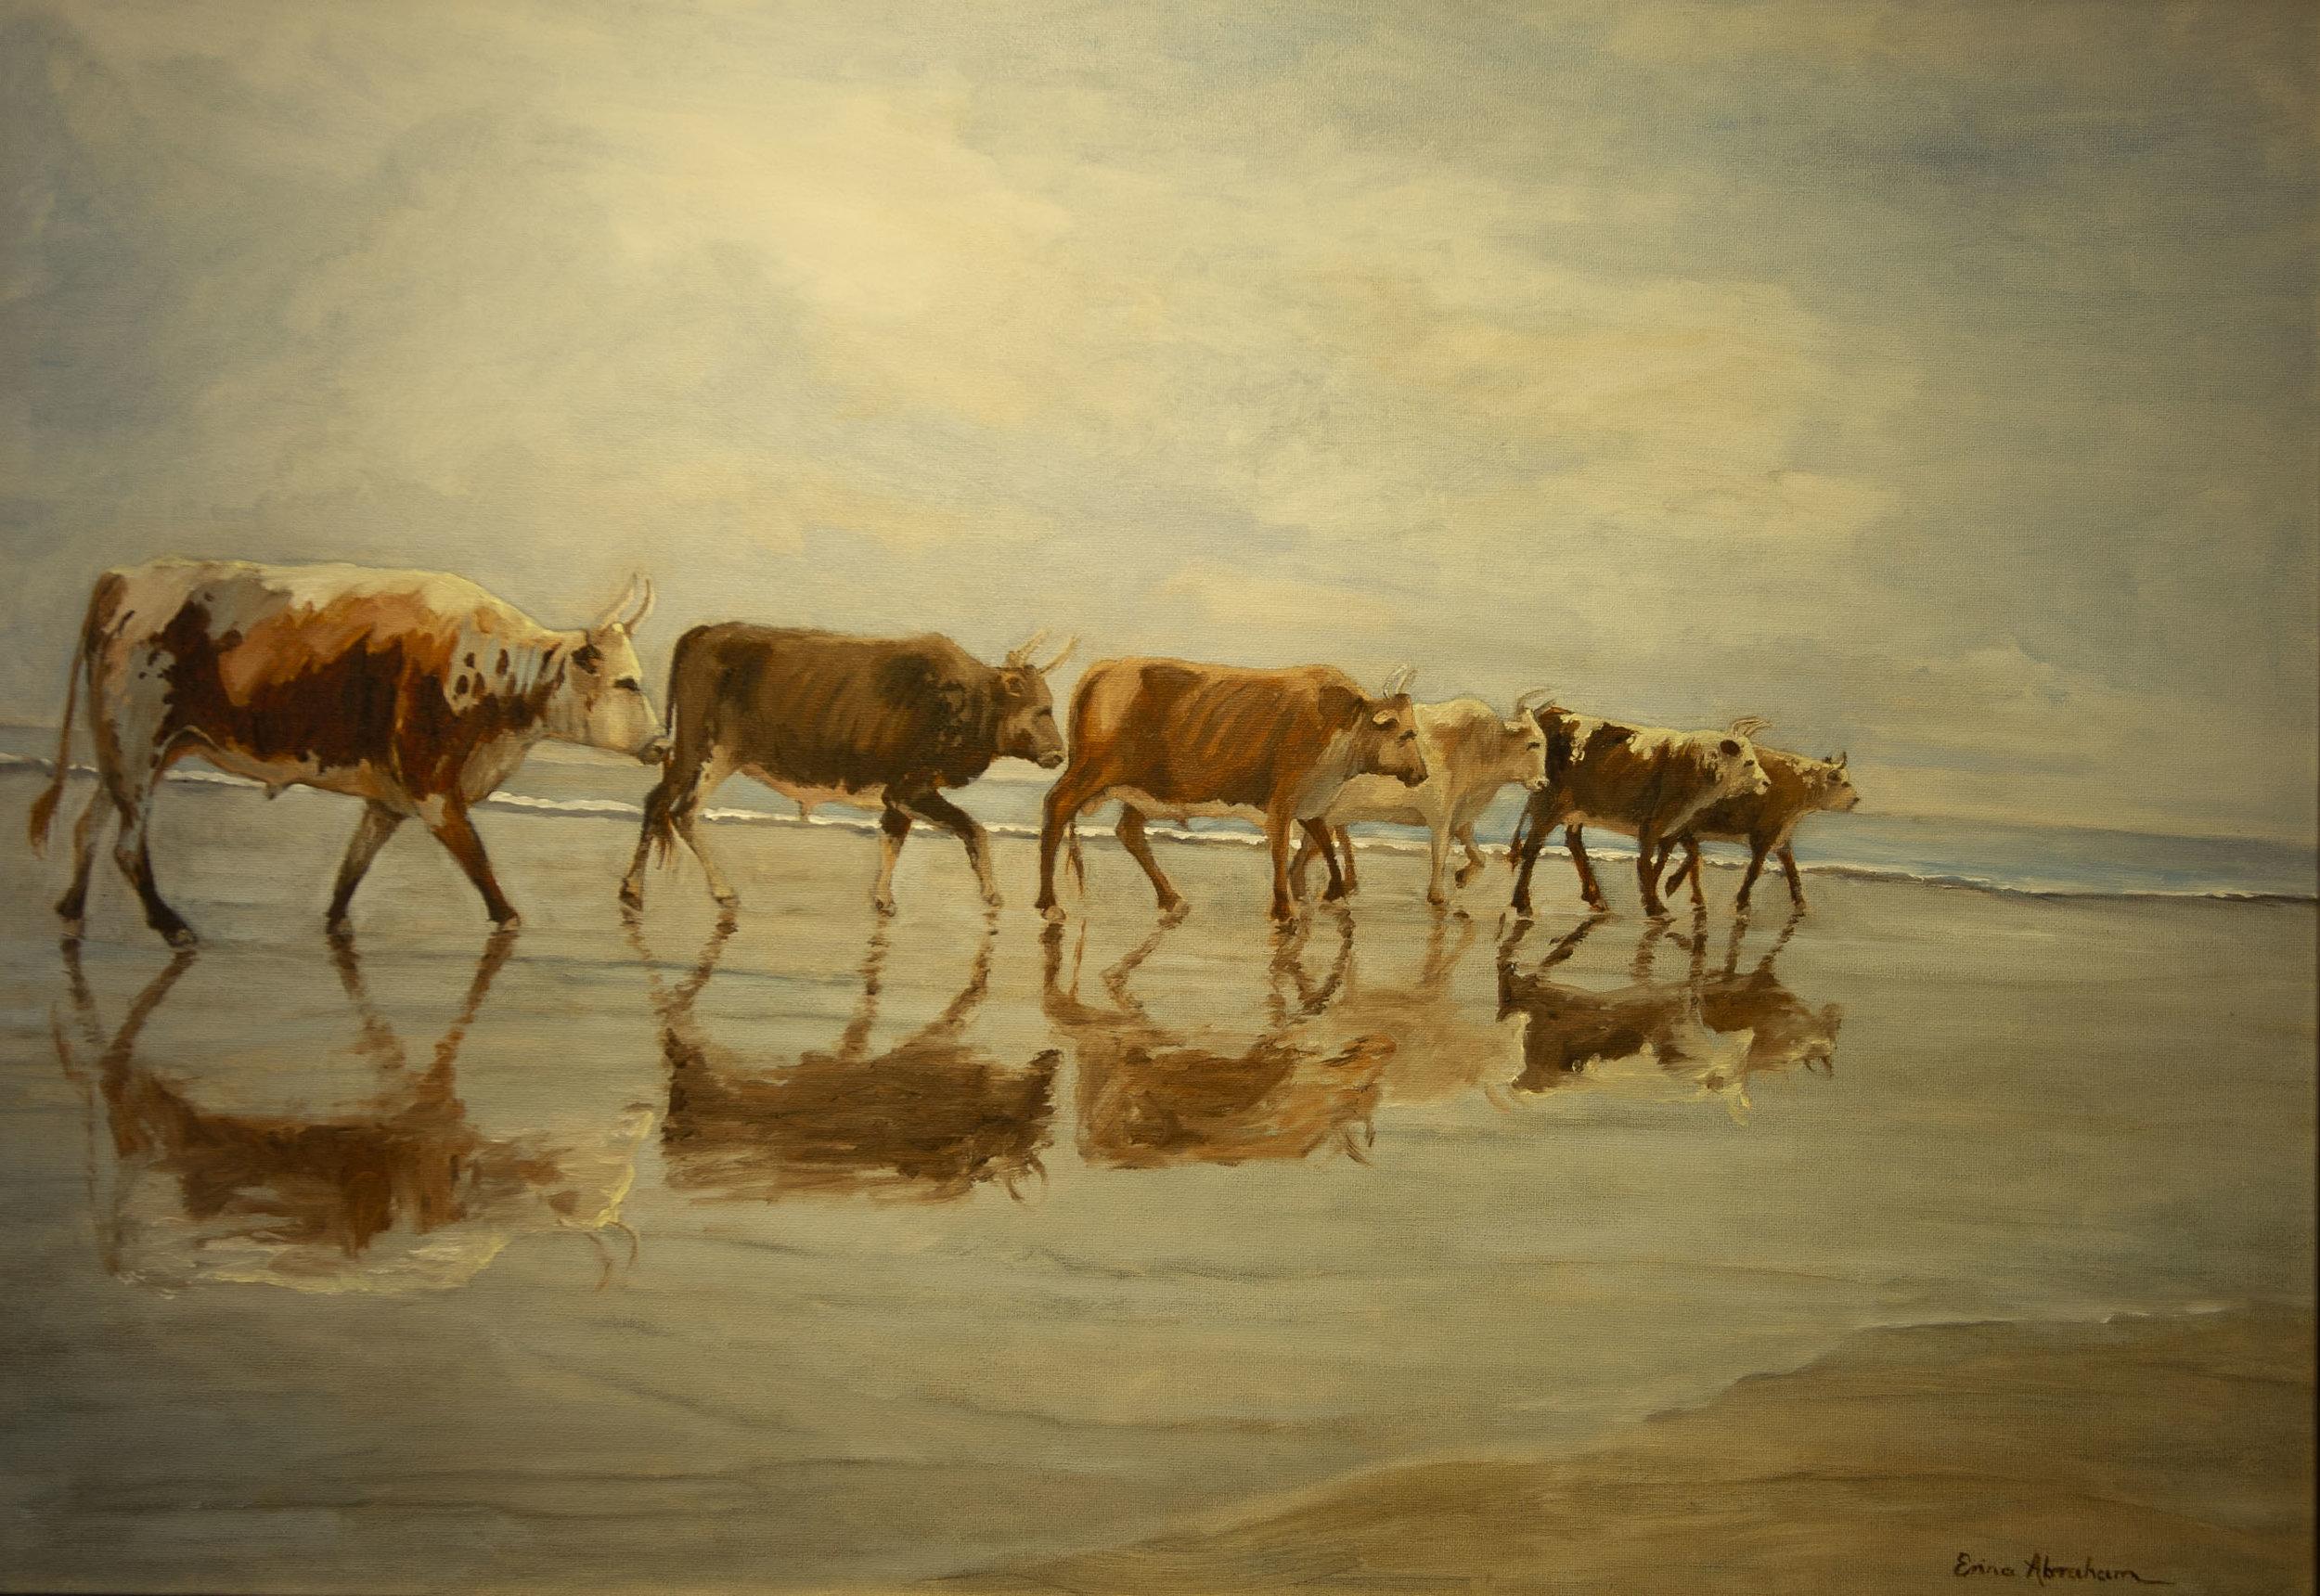 Kosi Baai, Zululand - Nguni reflections *SOLD*